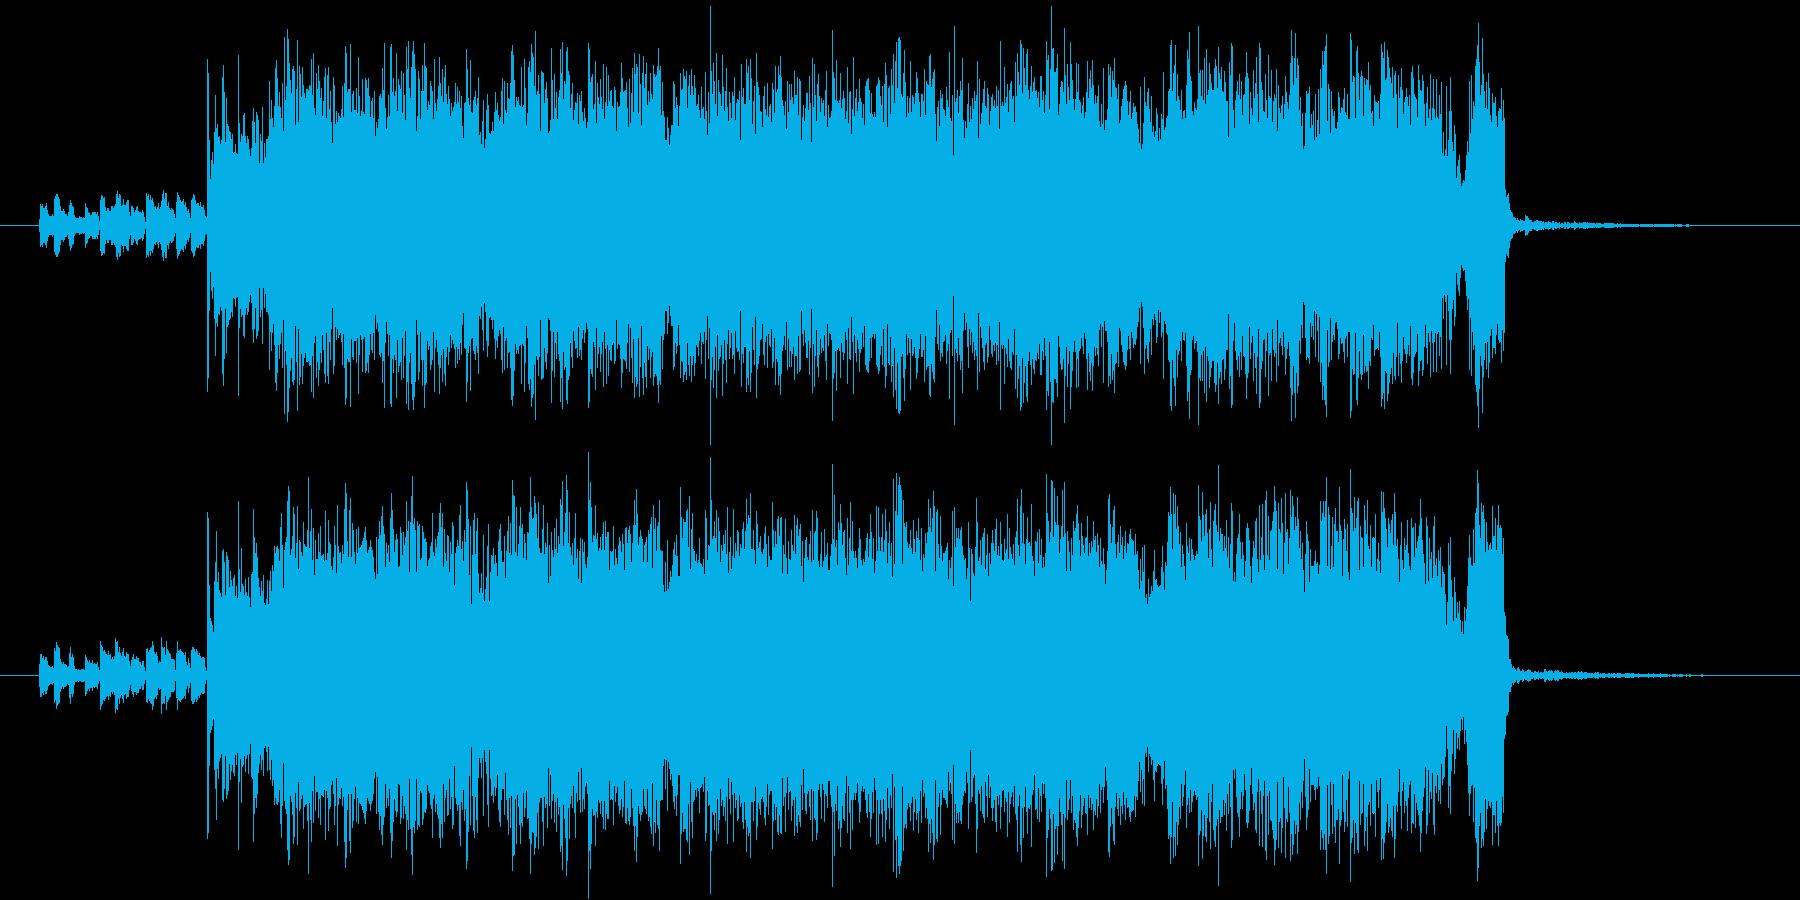 ヘビーなロックジングルの再生済みの波形